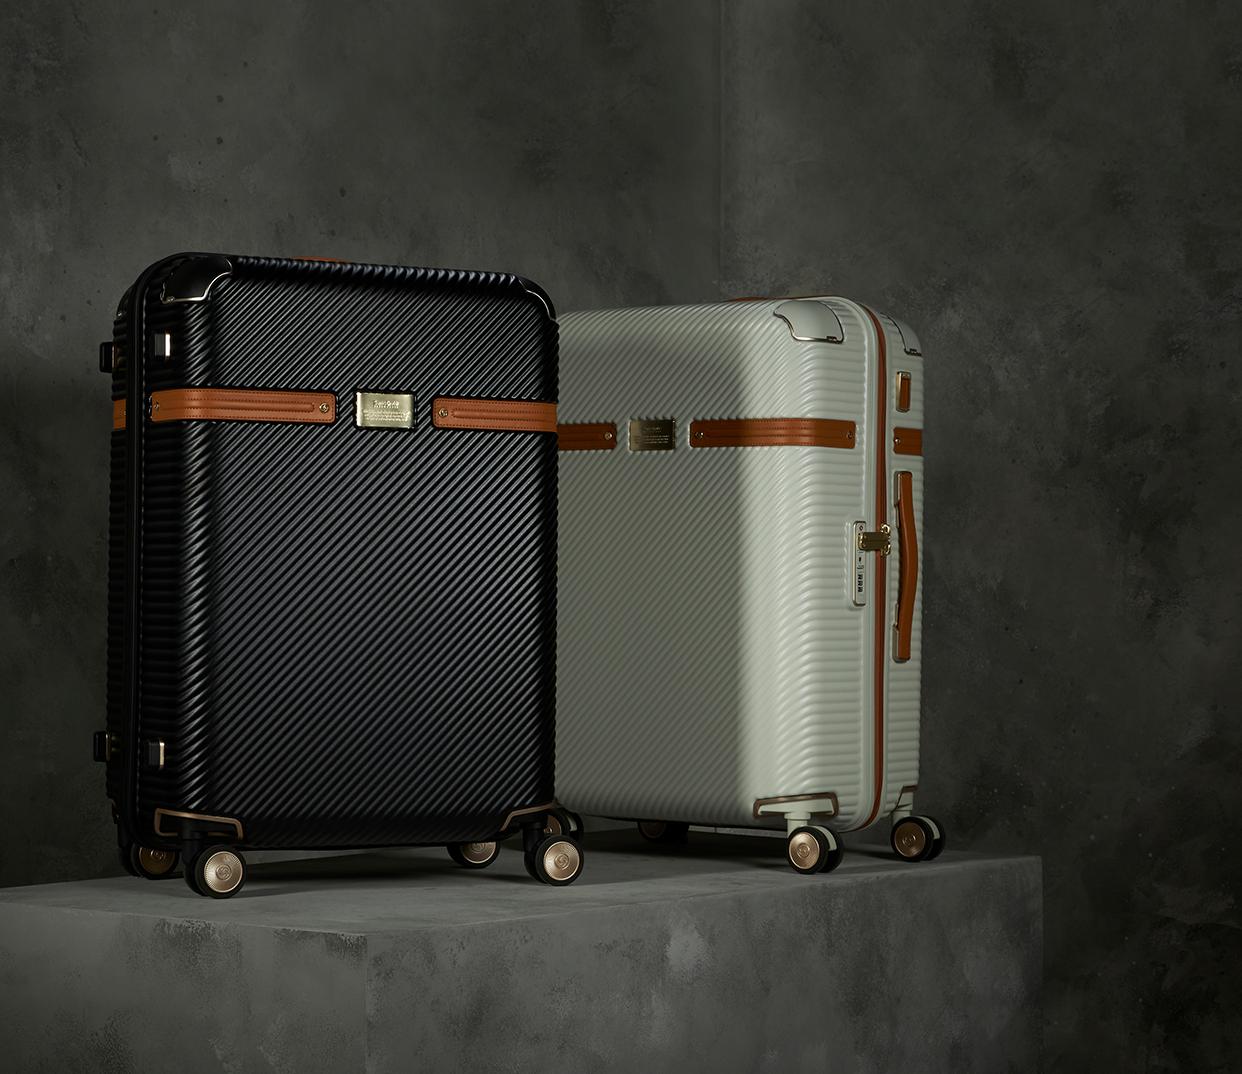 世界シェアNo.1のスーツケースブランドサムソナイト